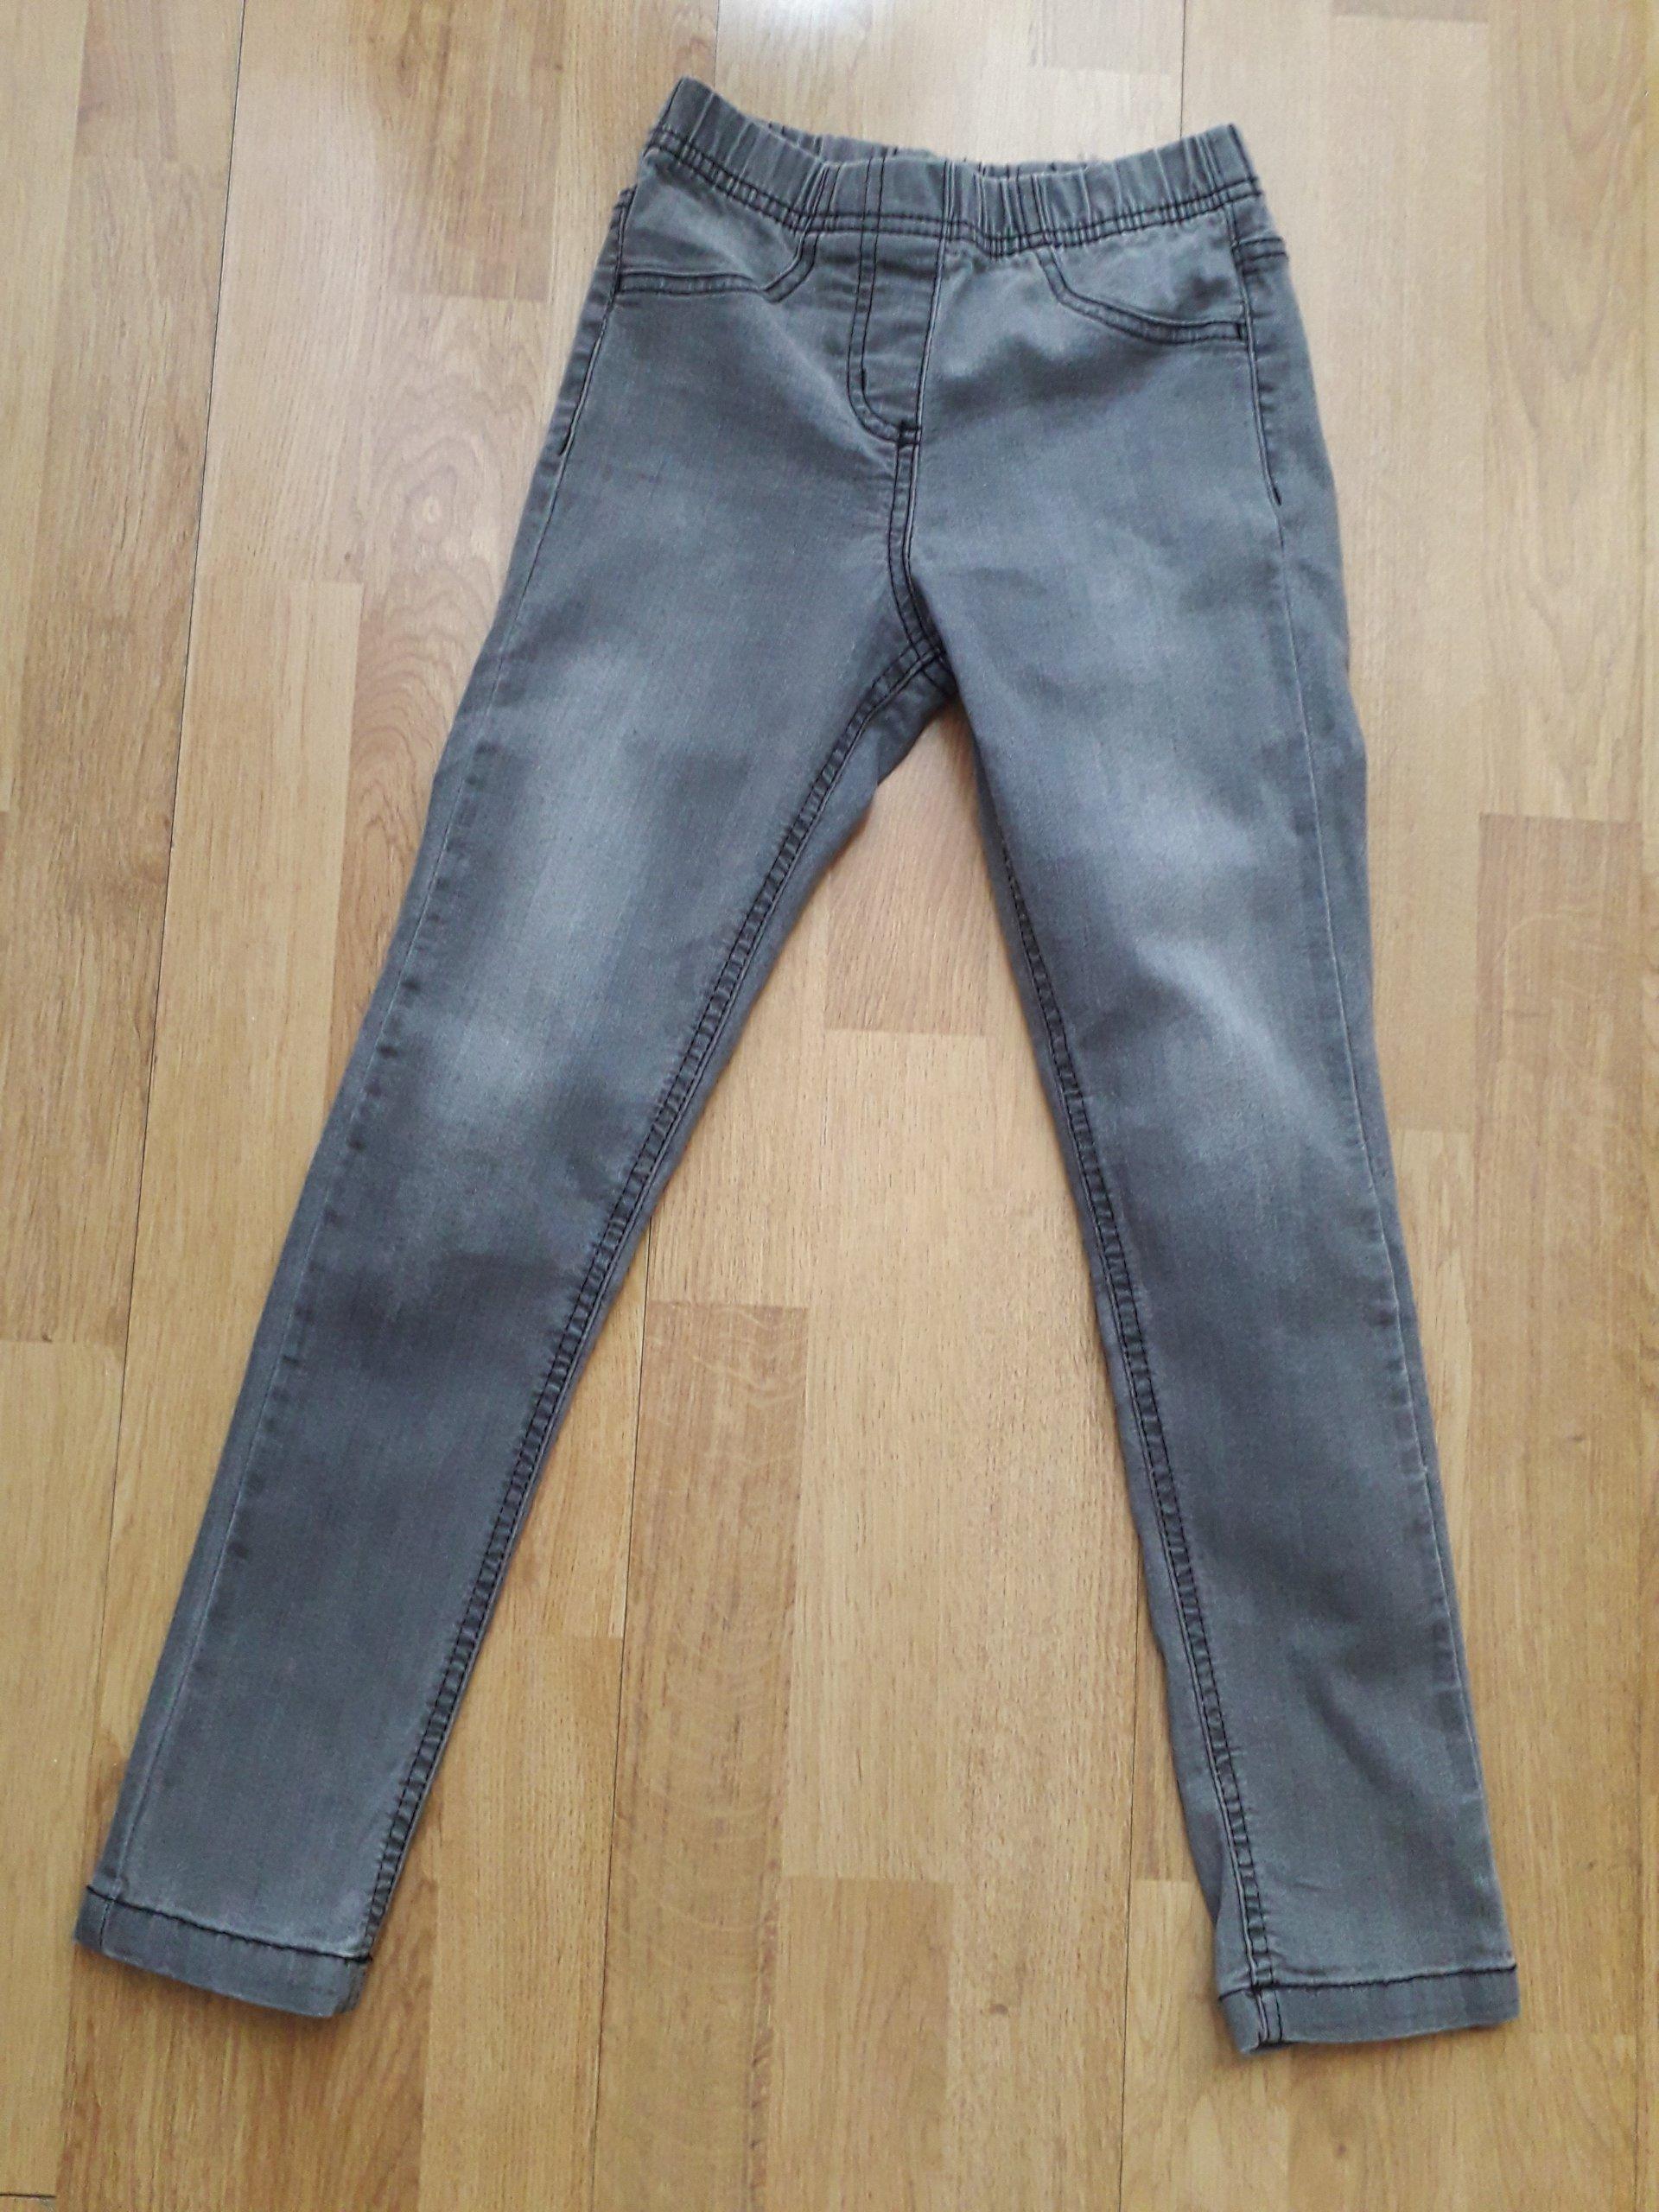 53321d8dfc96 Szare legginsy jeansy dżinsy rurki 128 134 - 7401016488 - oficjalne ...